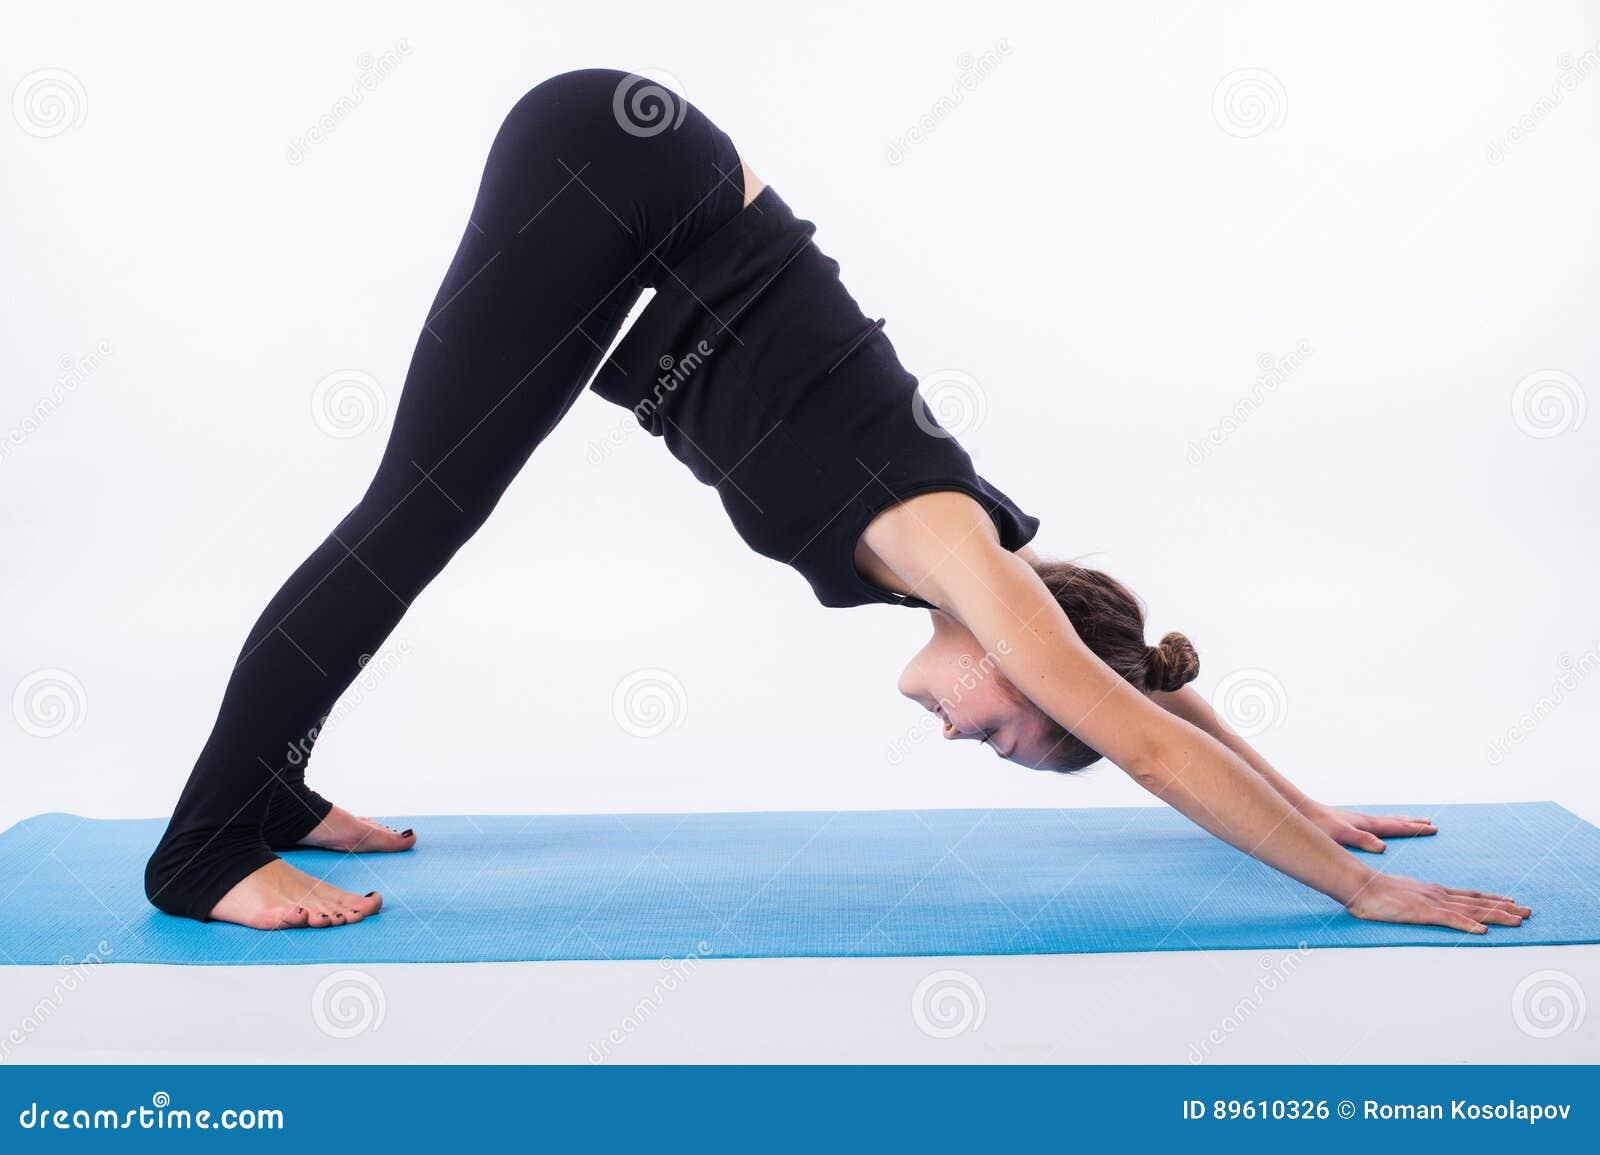 Το όμορφο φίλαθλο κατάλληλο svanasana adhomukha asana γιόγκας πρακτικών γυναικών yogini - προς τα κάτω - που αντιμετωπίζει το σκυ